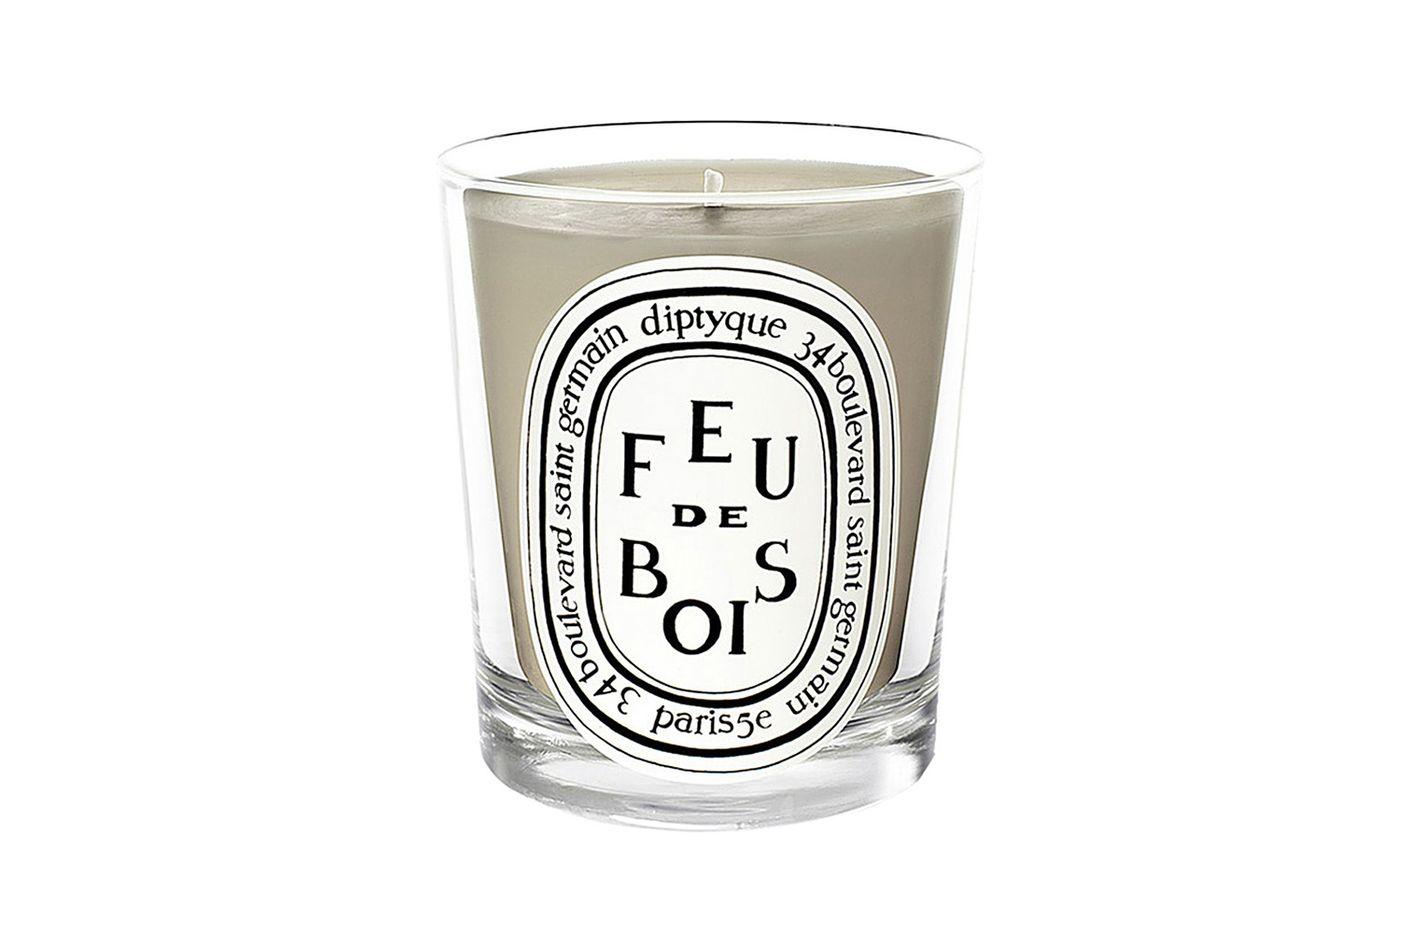 Feu de Bois Scented Candle, 5.6 oz.